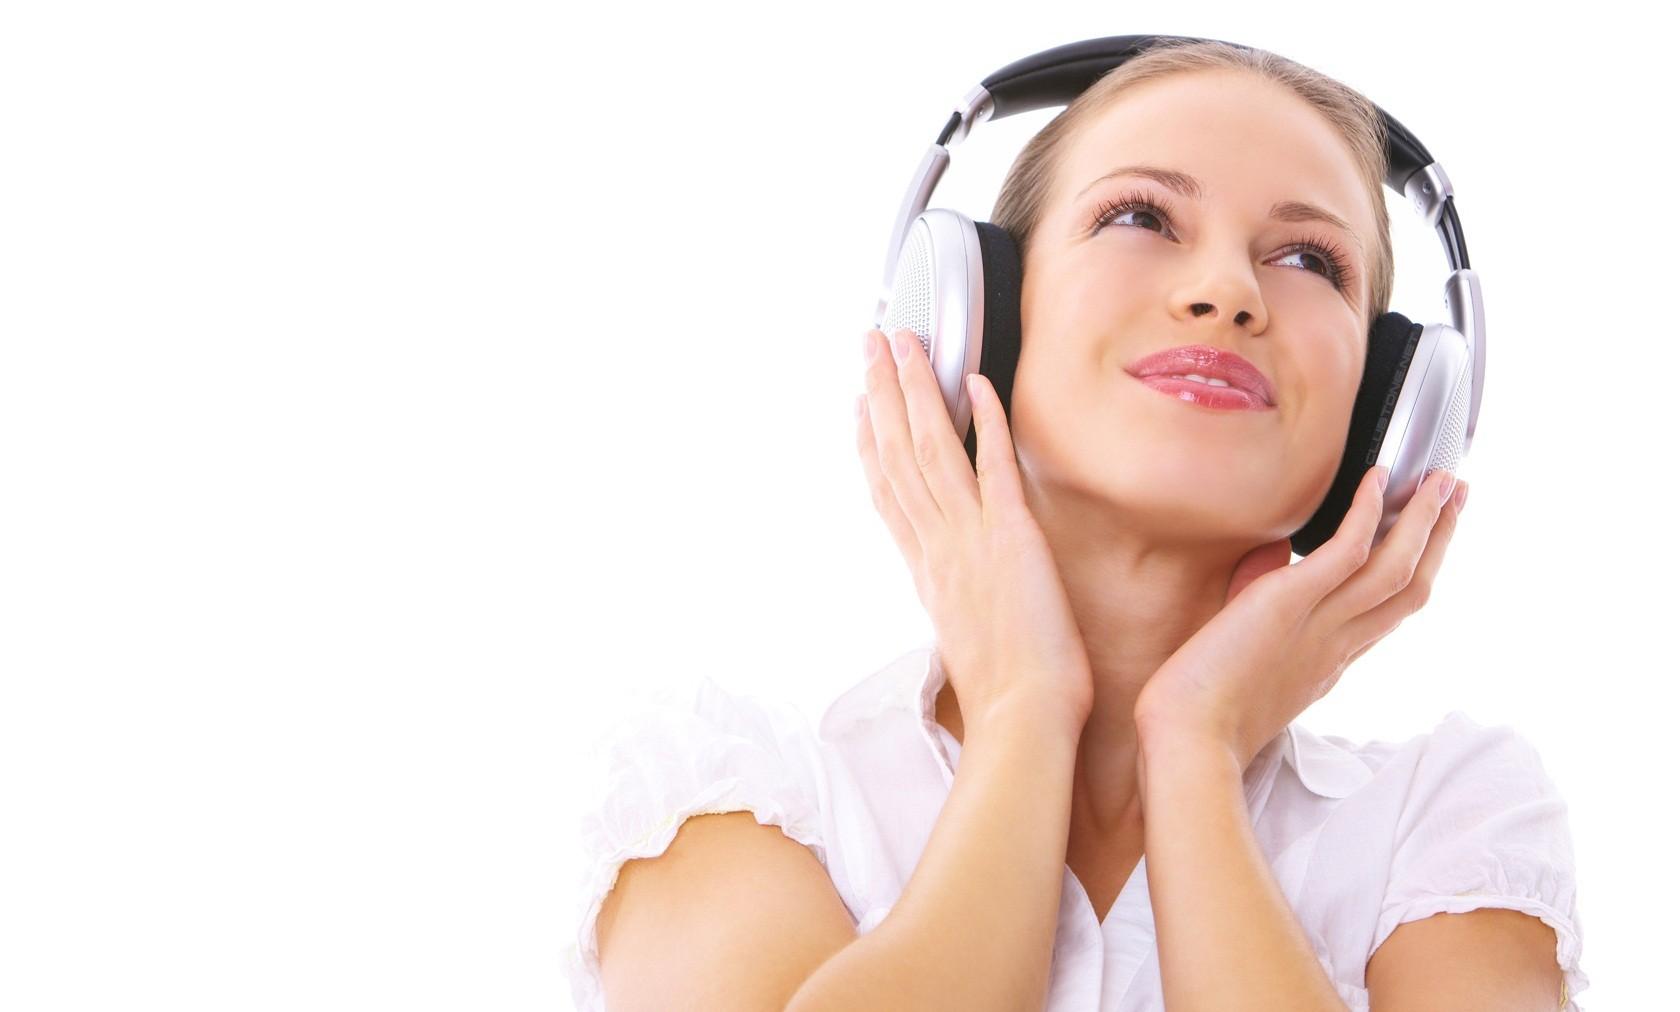 как слушать музыку в контакте на айпаде